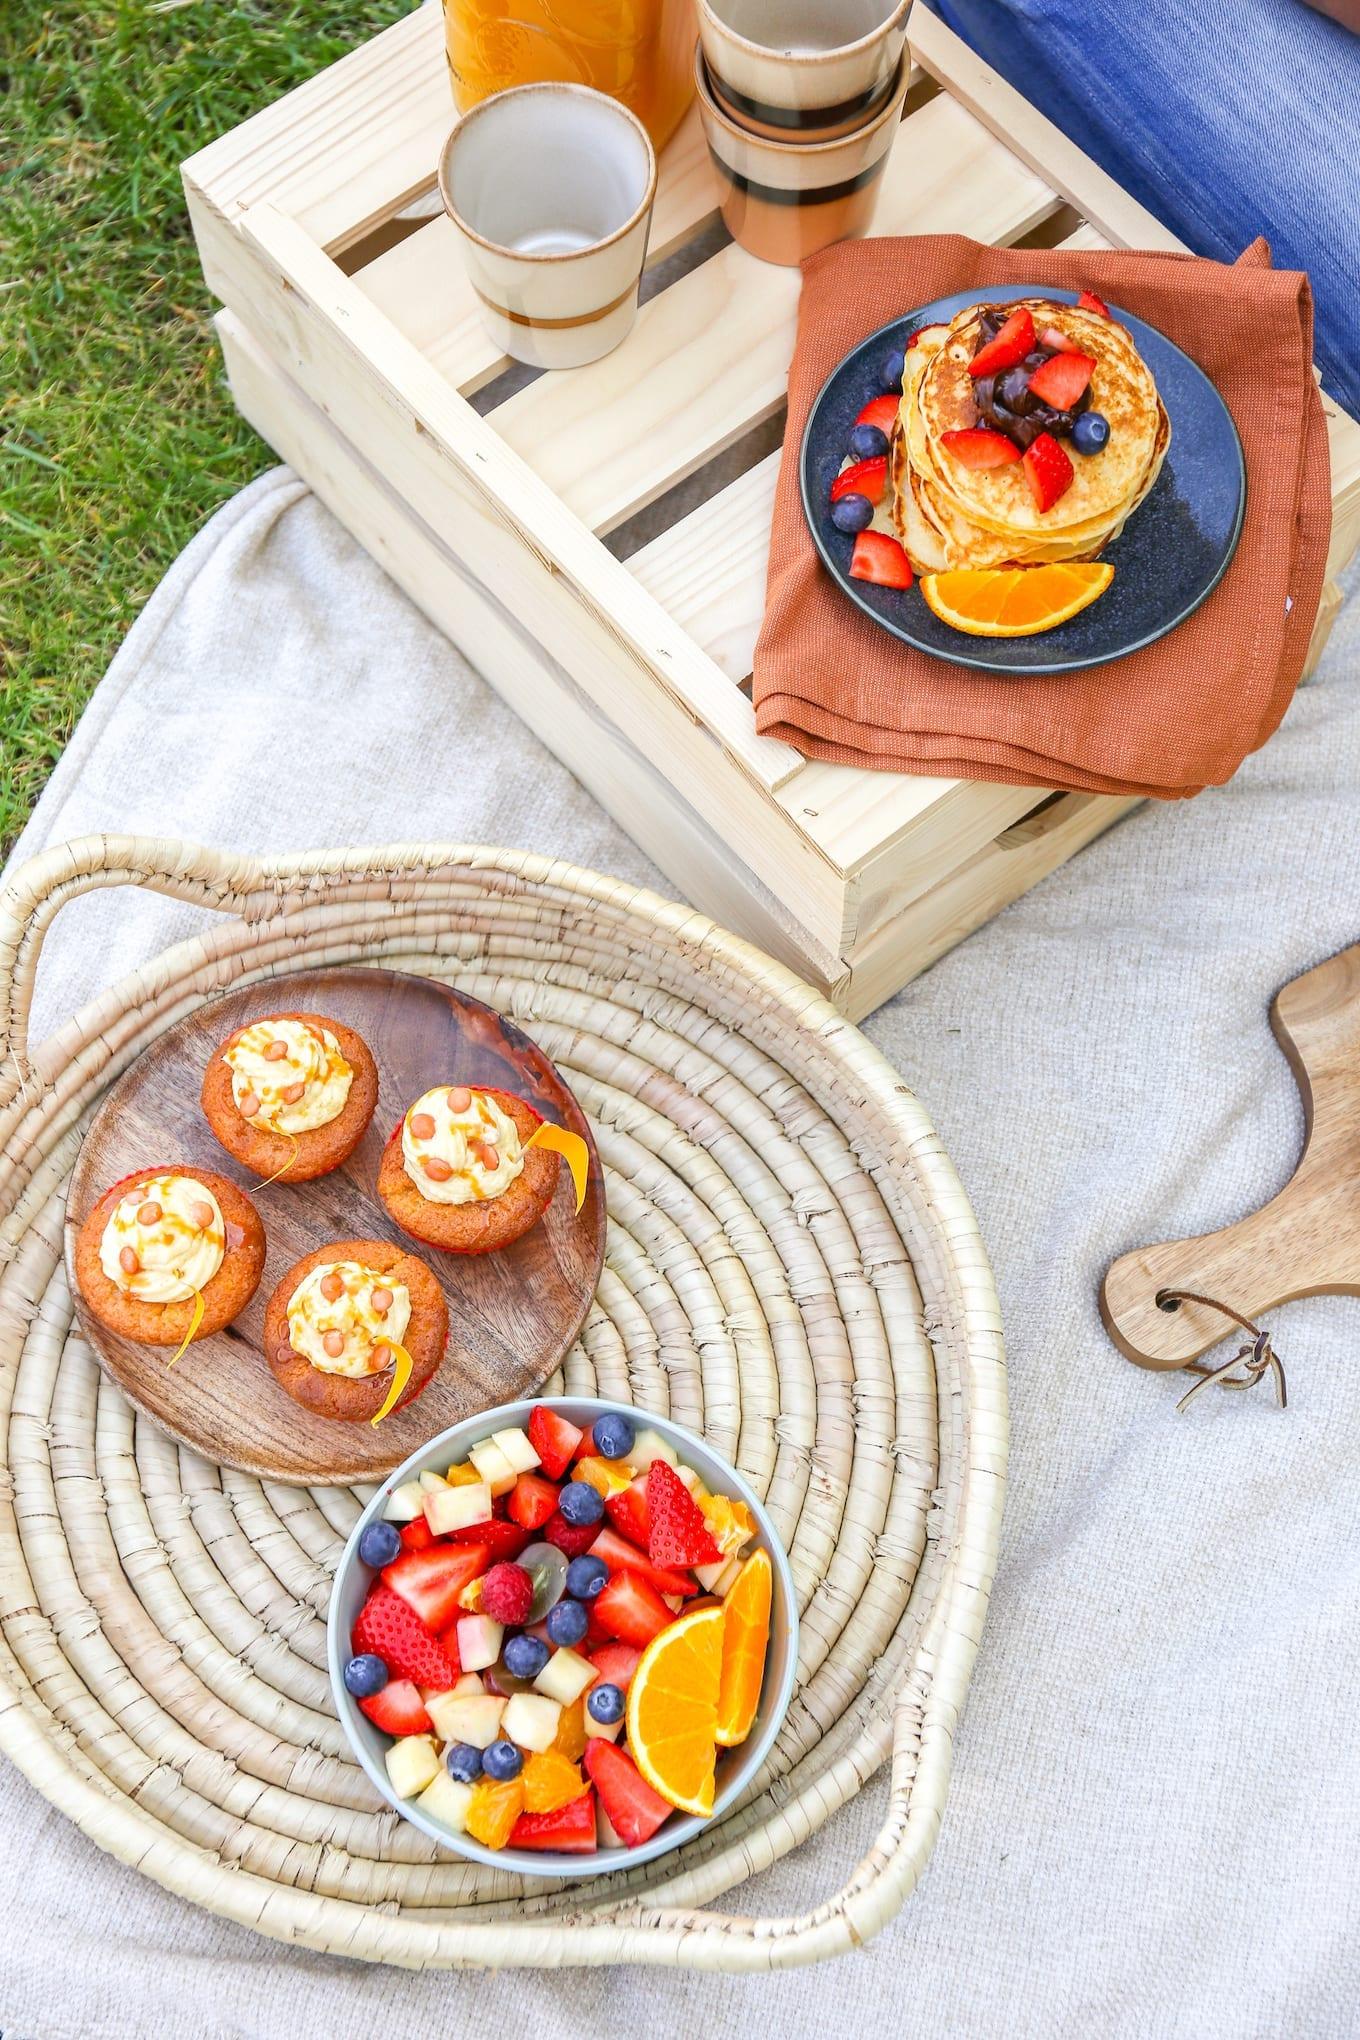 Koningsdag picknick